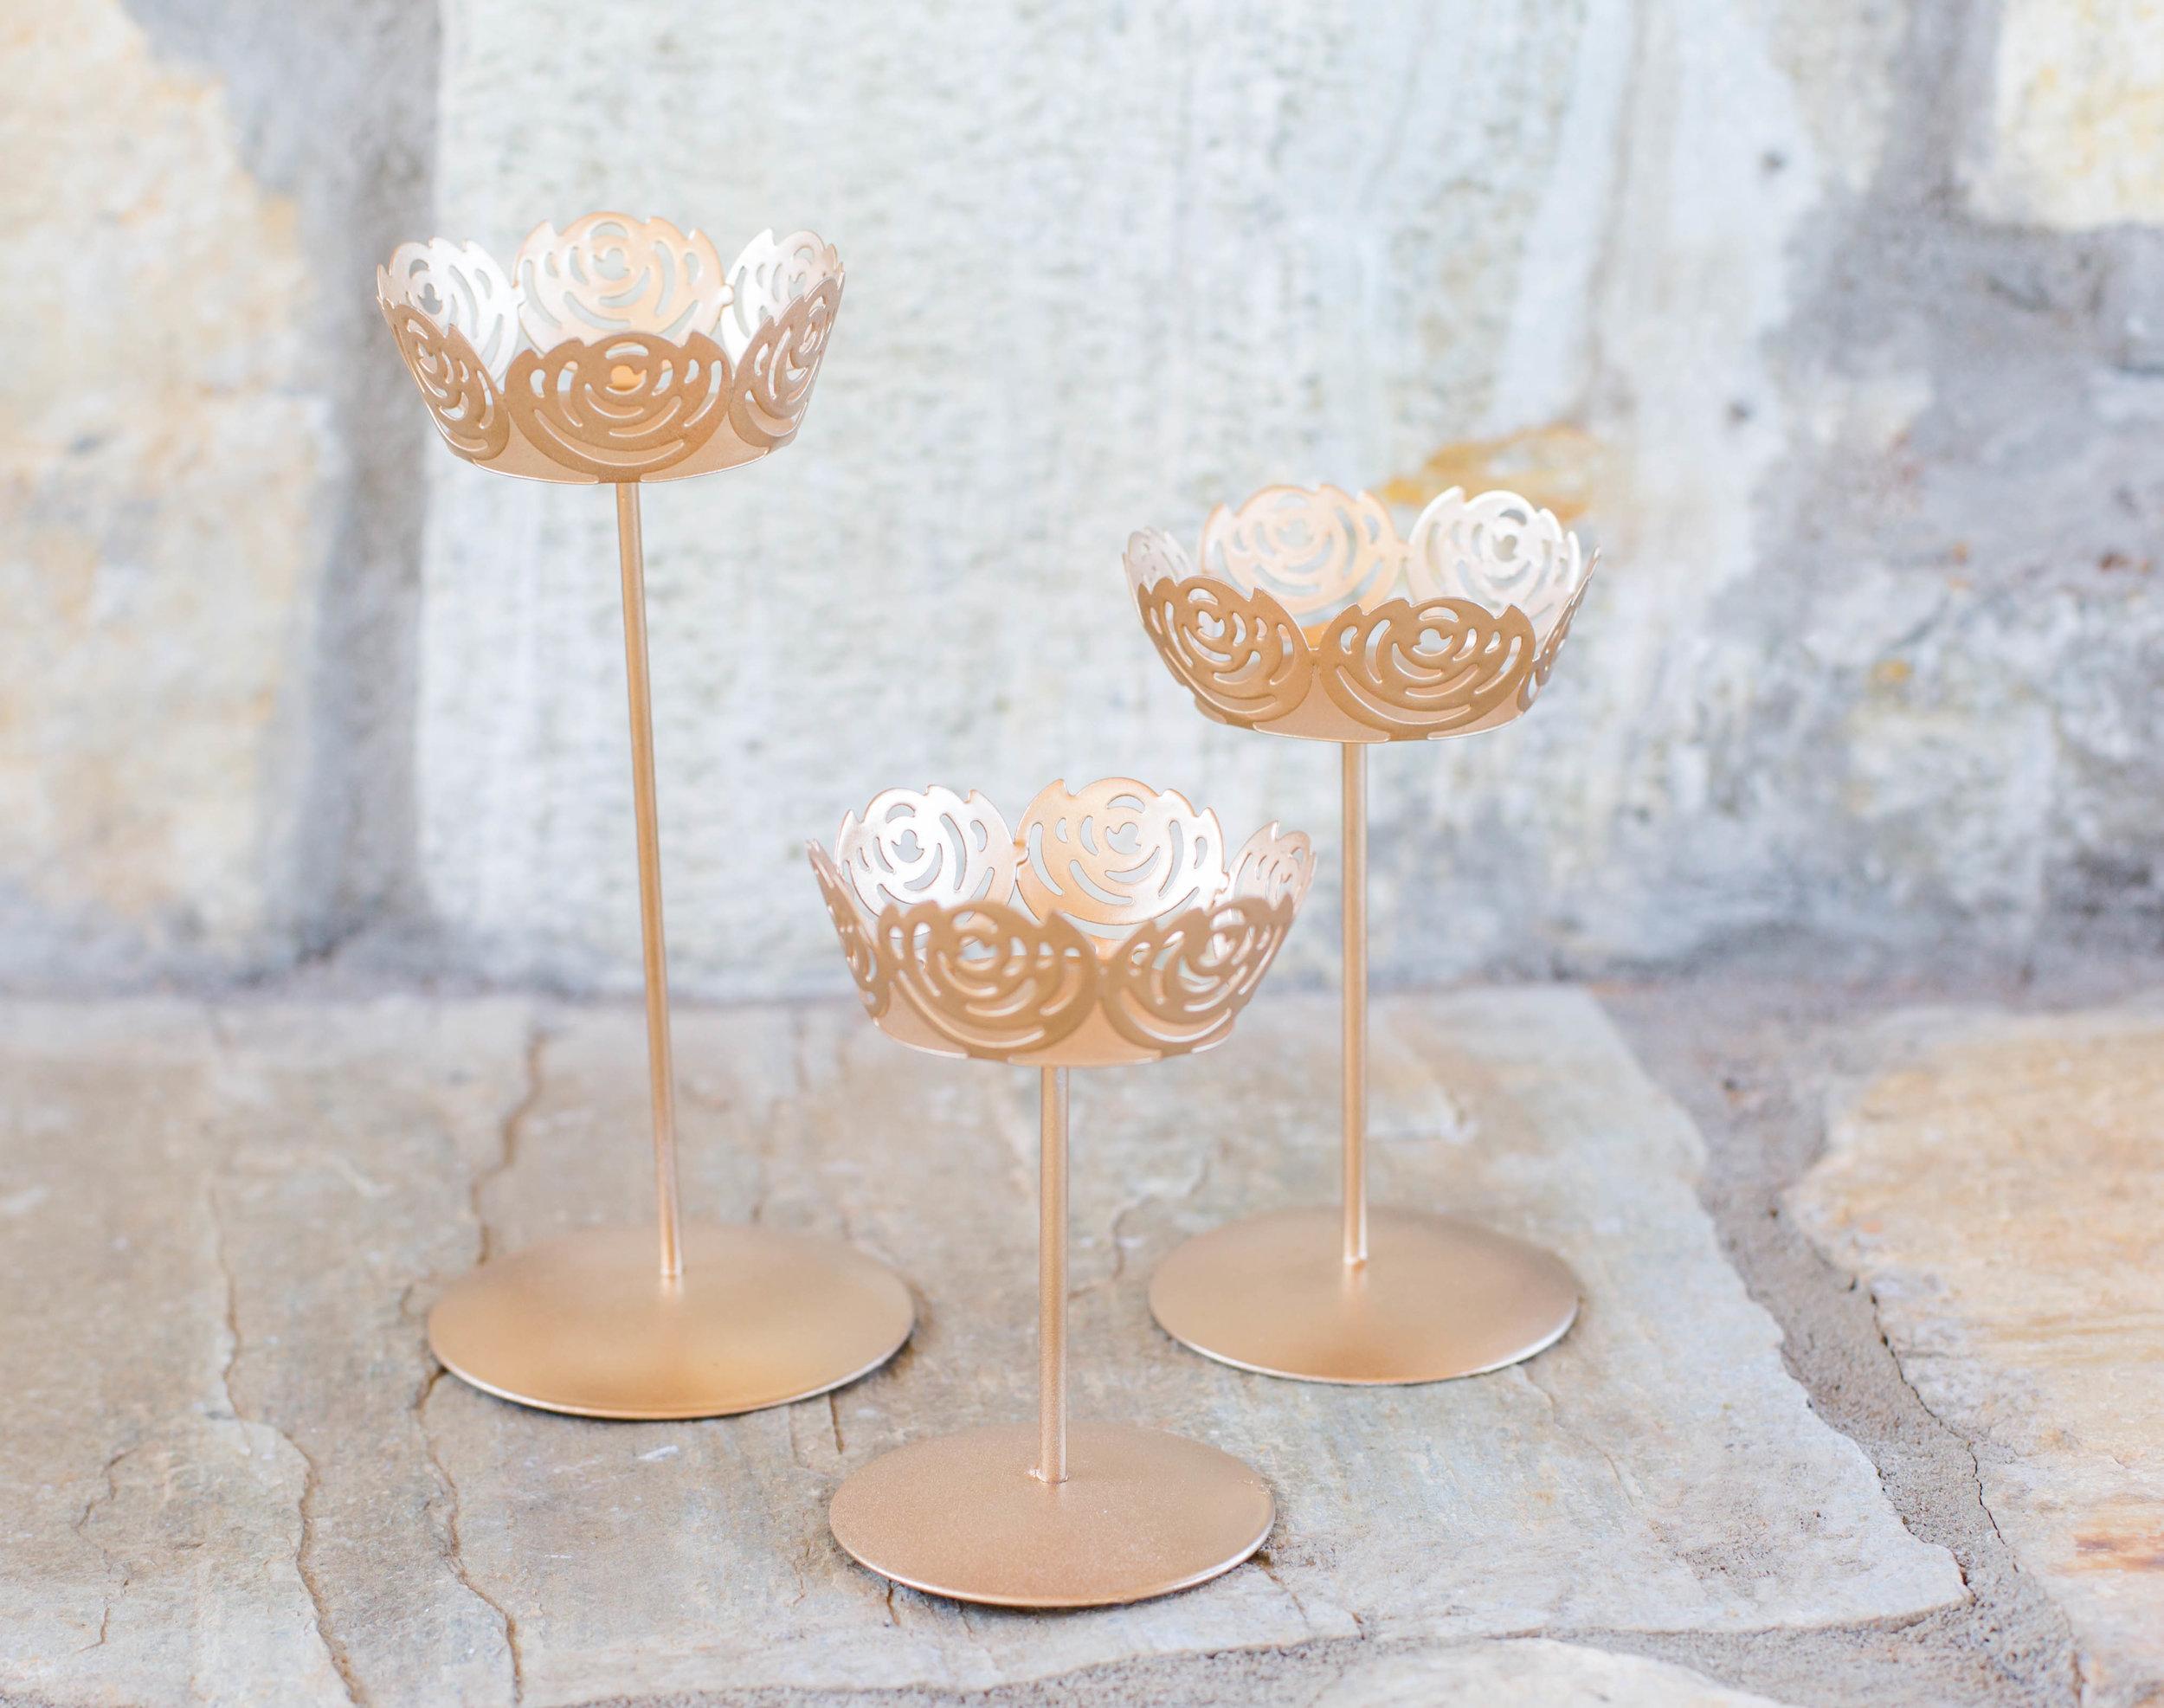 cupcake:bundtcake single.jpg